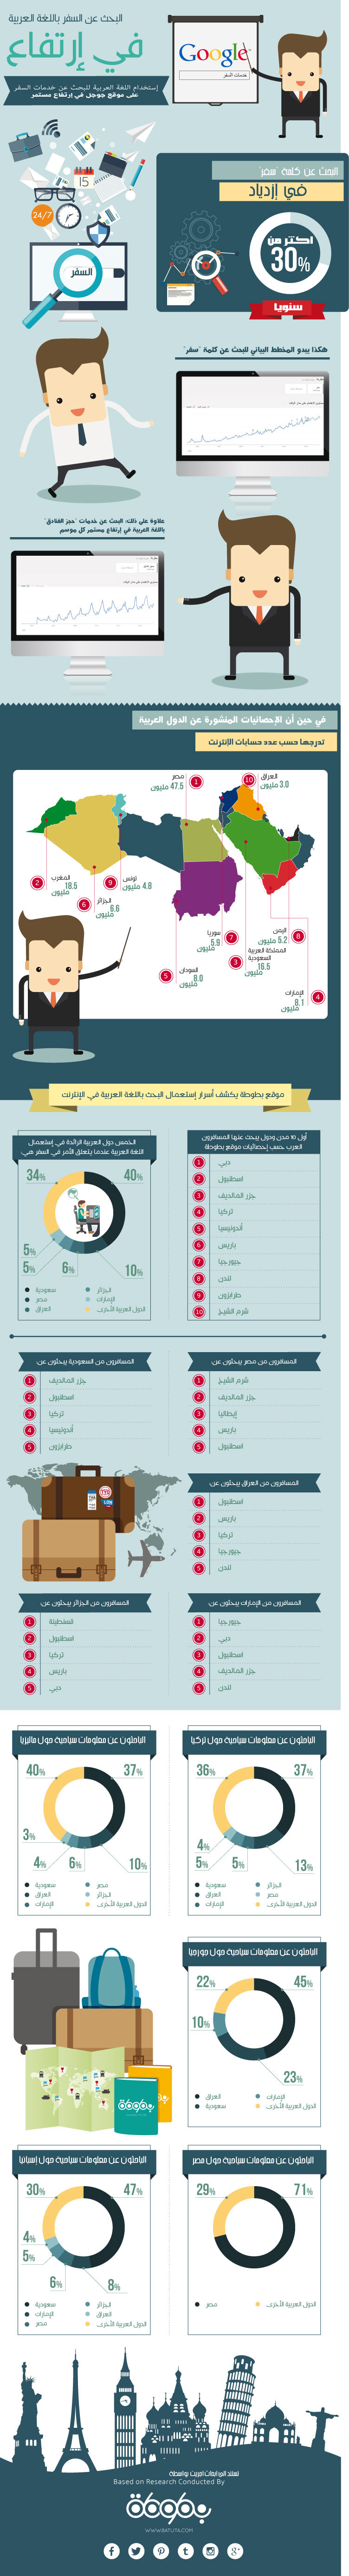 #انفوجرافيك أي الدول العربية تستعمل اللغة العربية أكثر على شبكة الإنترنت عند البحث عن سفر